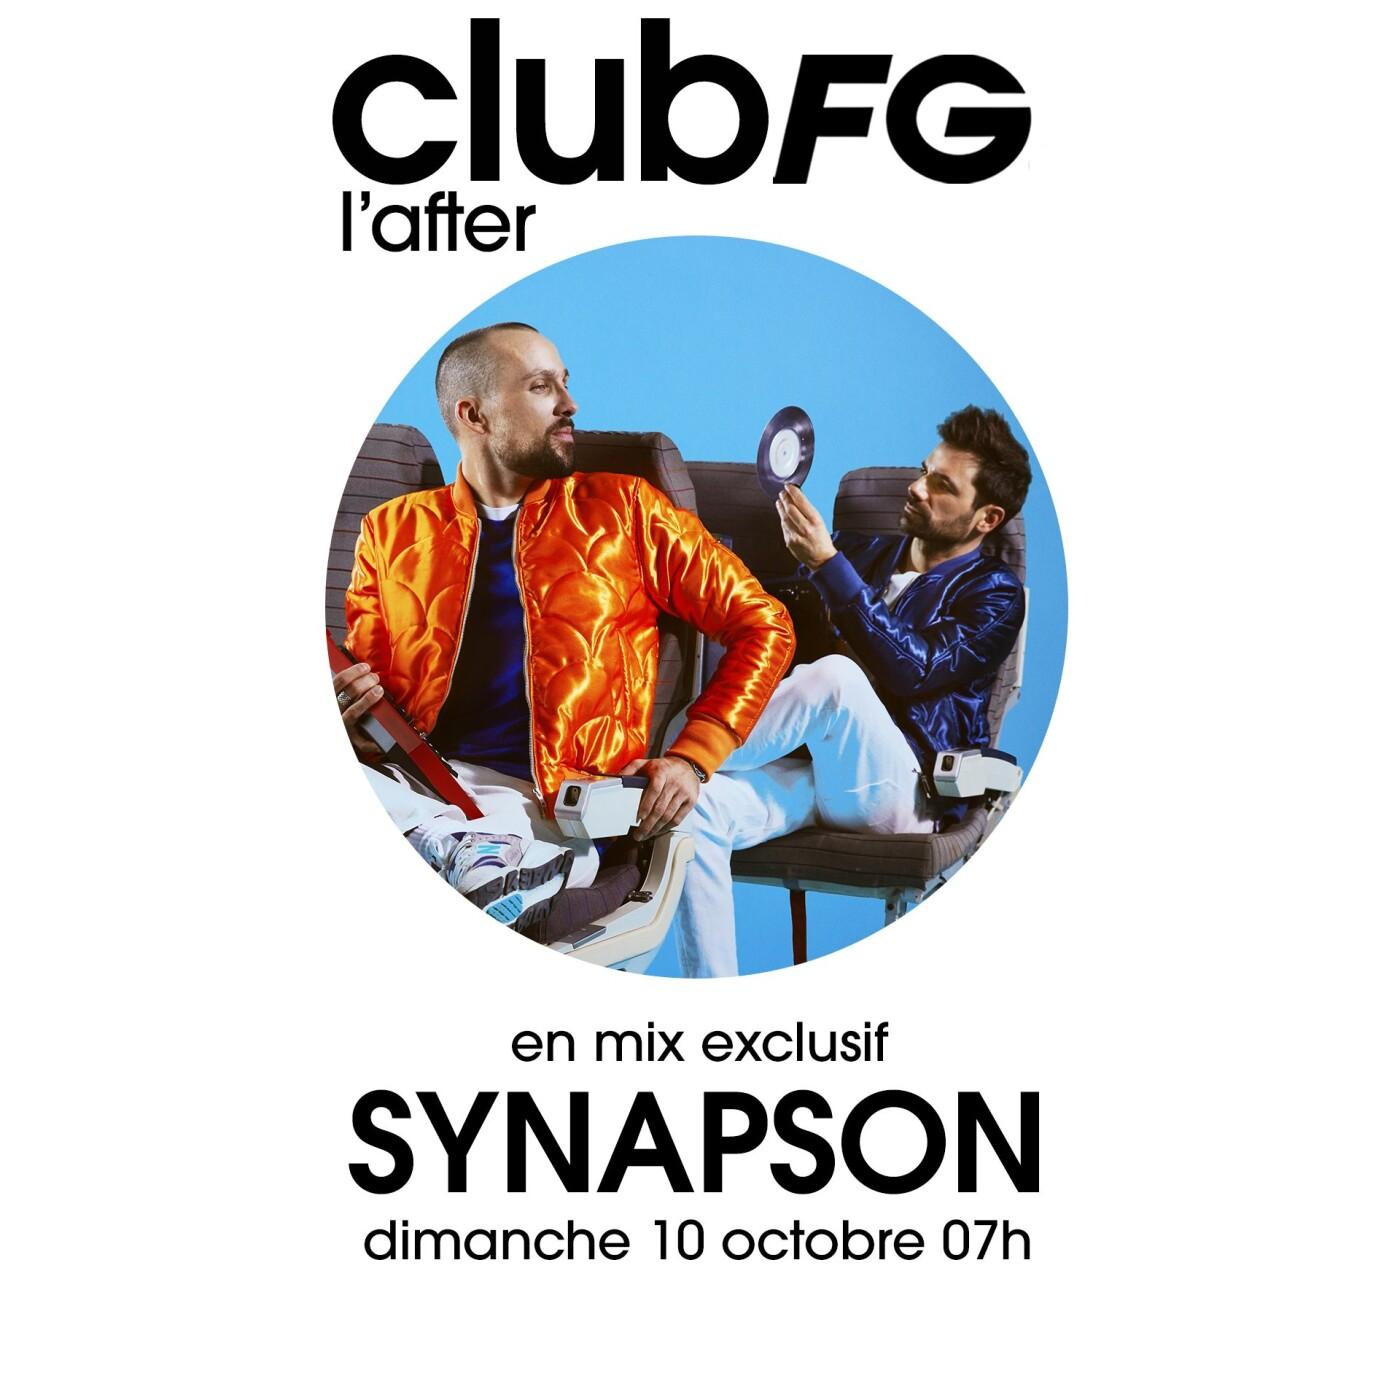 CLUB FG : SYNAPSON